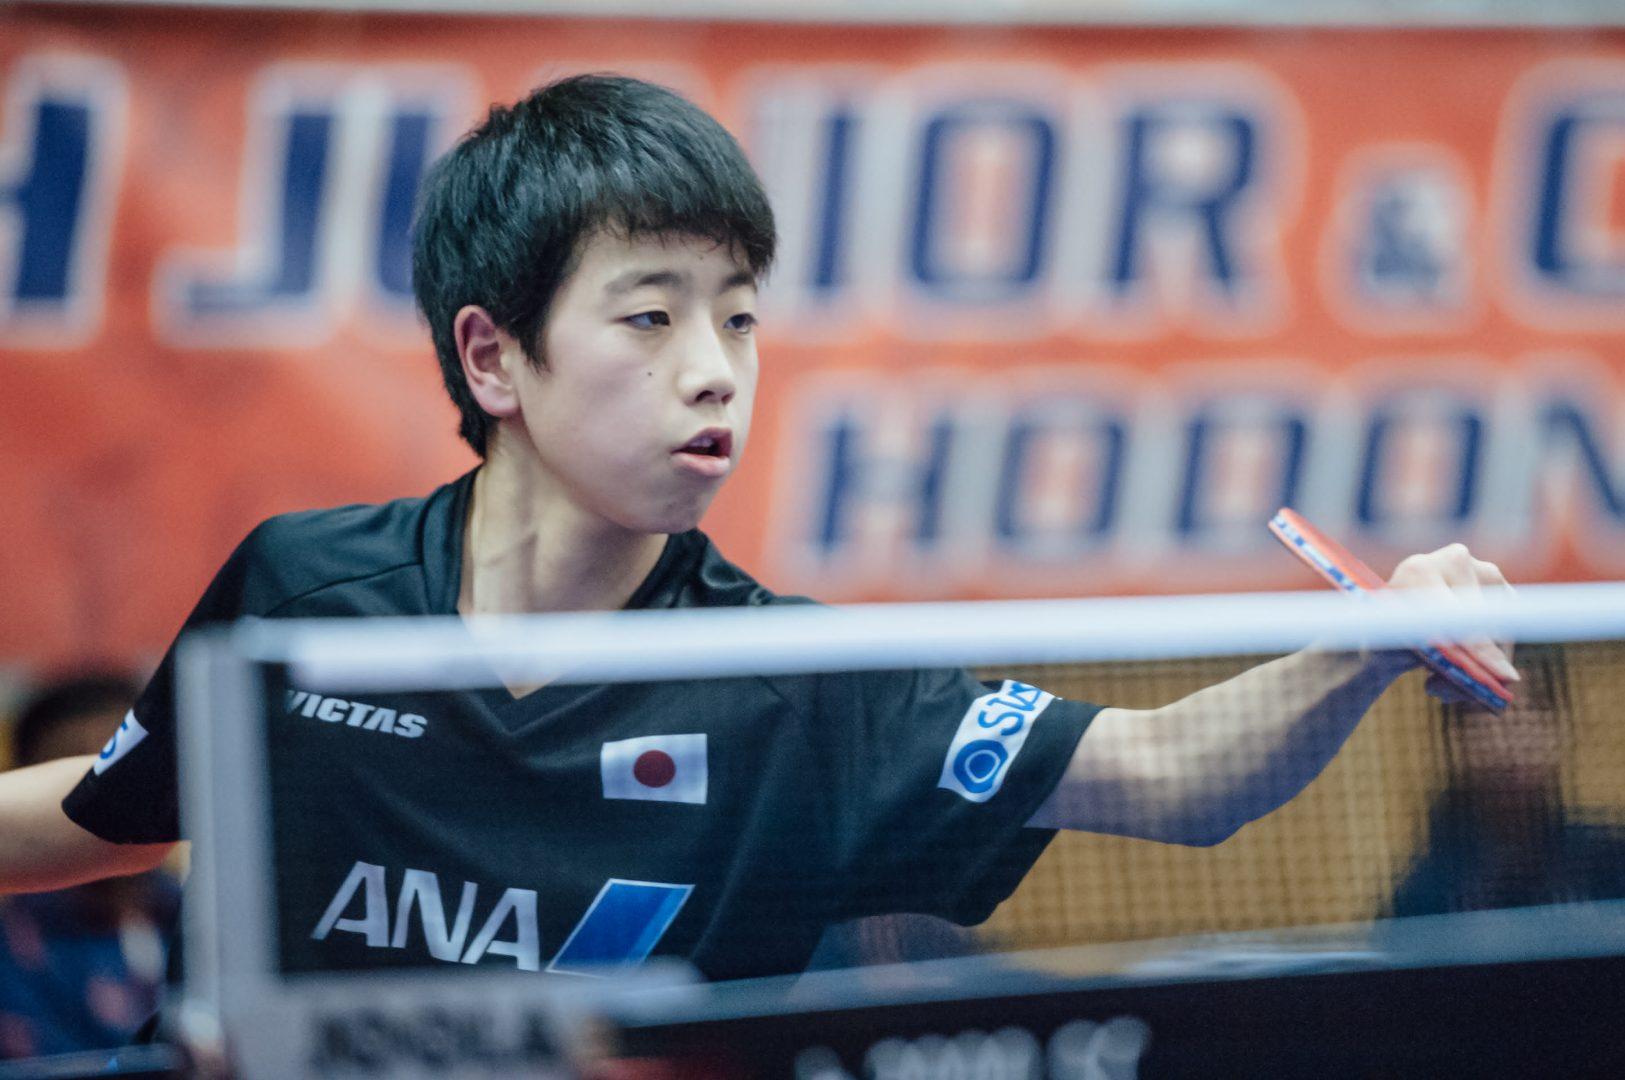 インハイ準V 篠塚大登、決勝トーナメント進出なるか<卓球・ポーランドオープン>